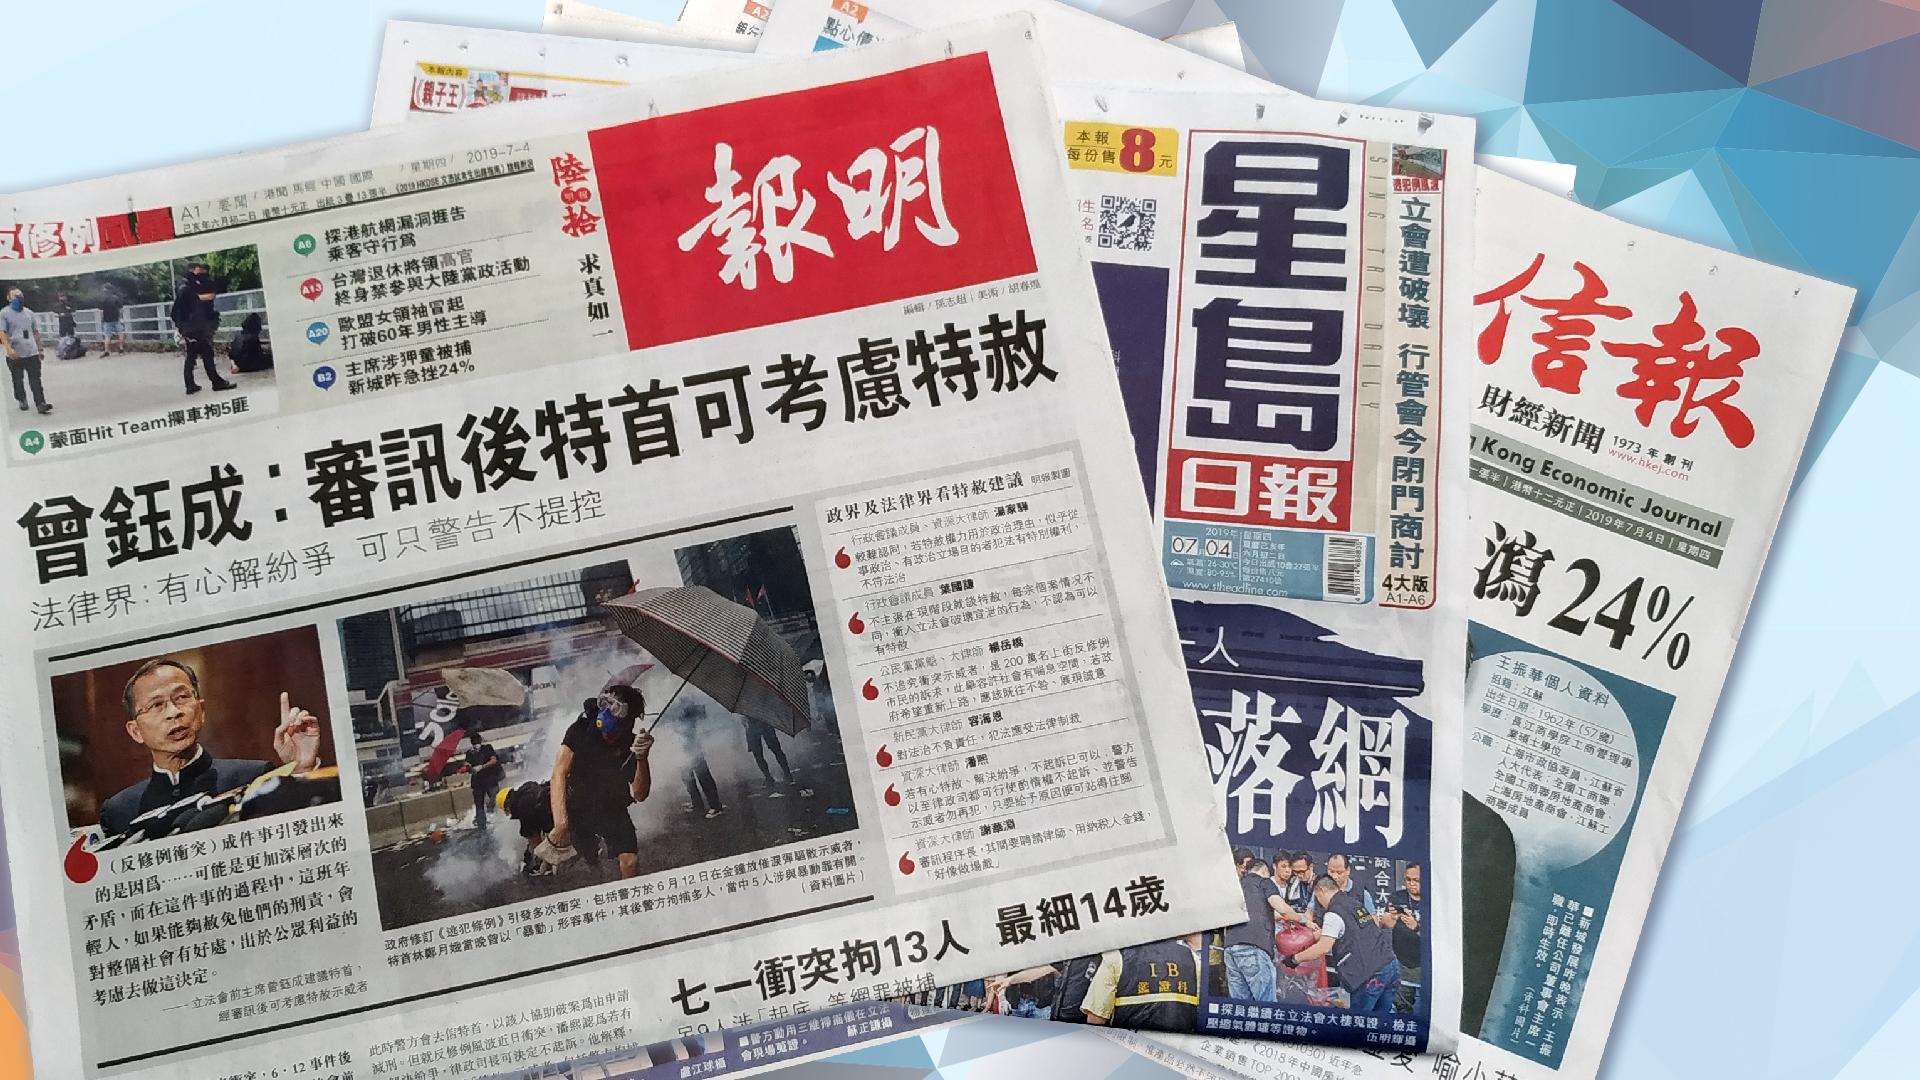 【報章A1速覽】反修例衝突 警大搜捕 28人落網;曾鈺成:審訊後特首可考慮特赦